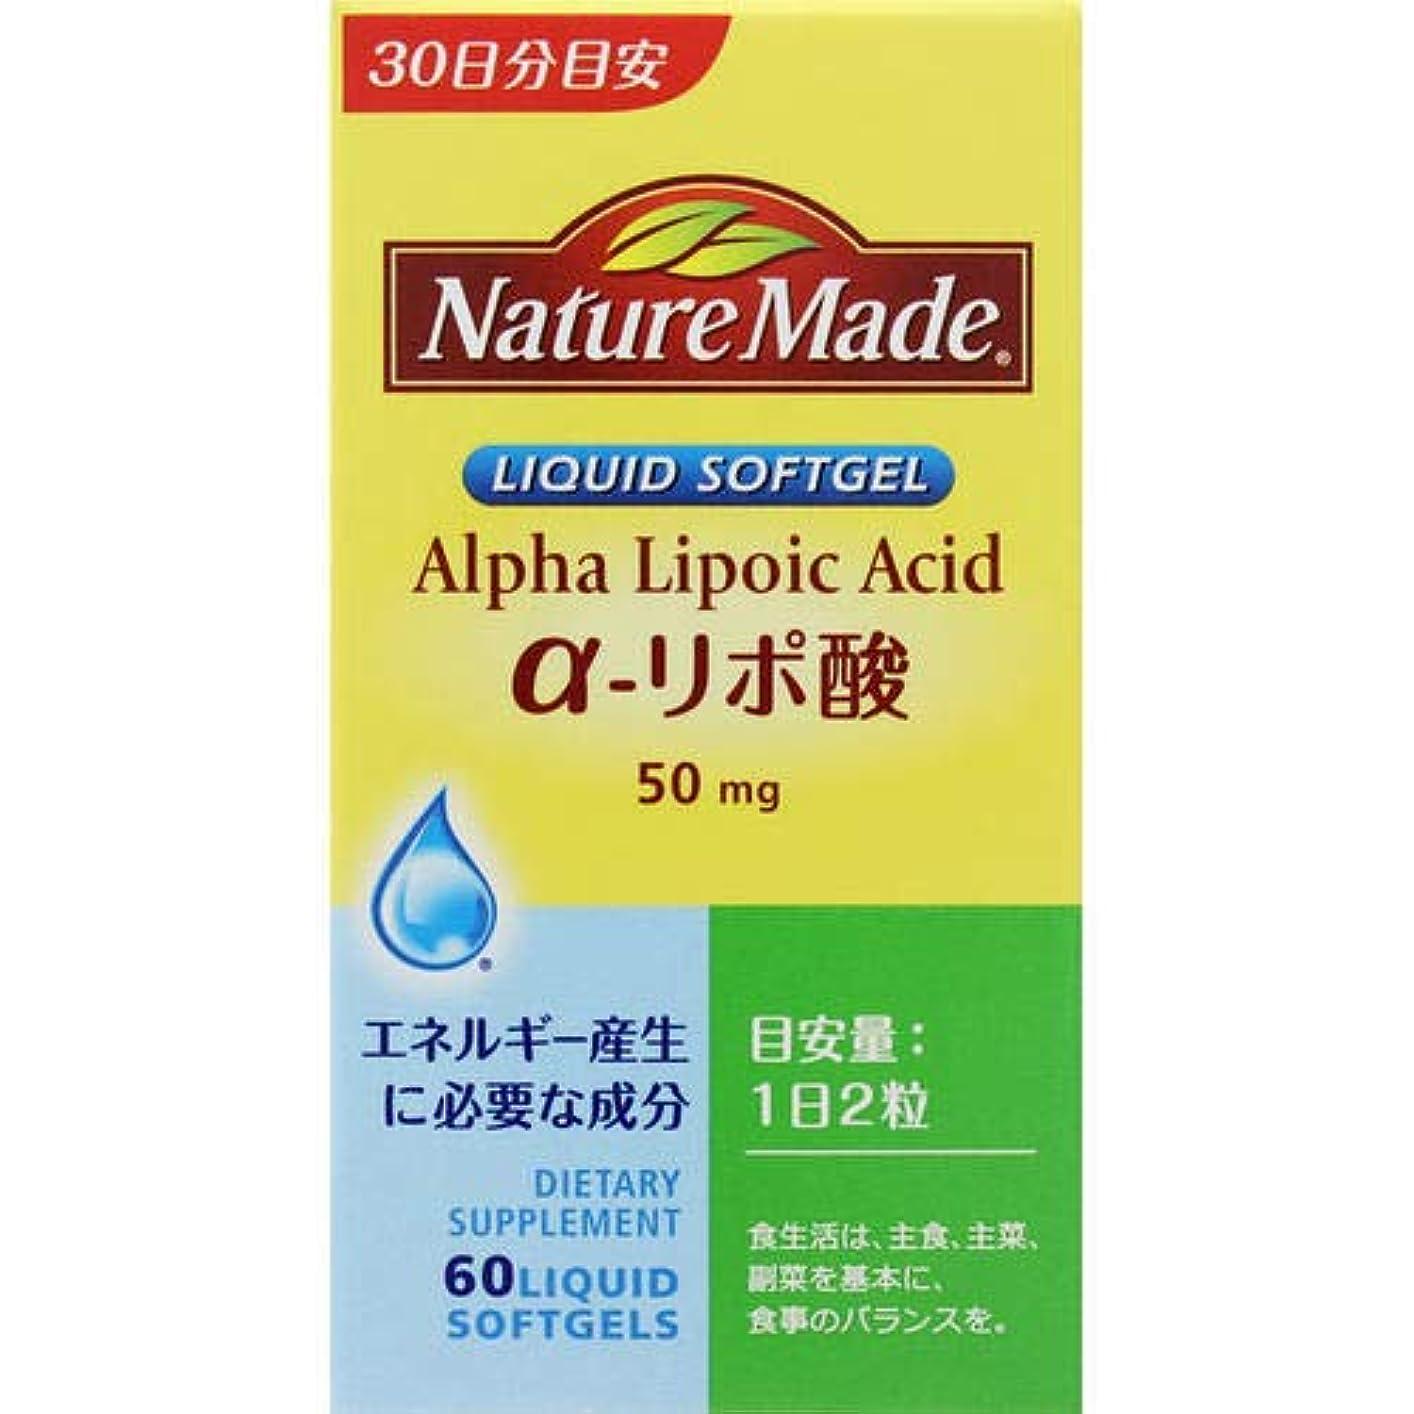 マイナスちょうつがい主婦ネイチャーメイド アルファリポ酸 60粒